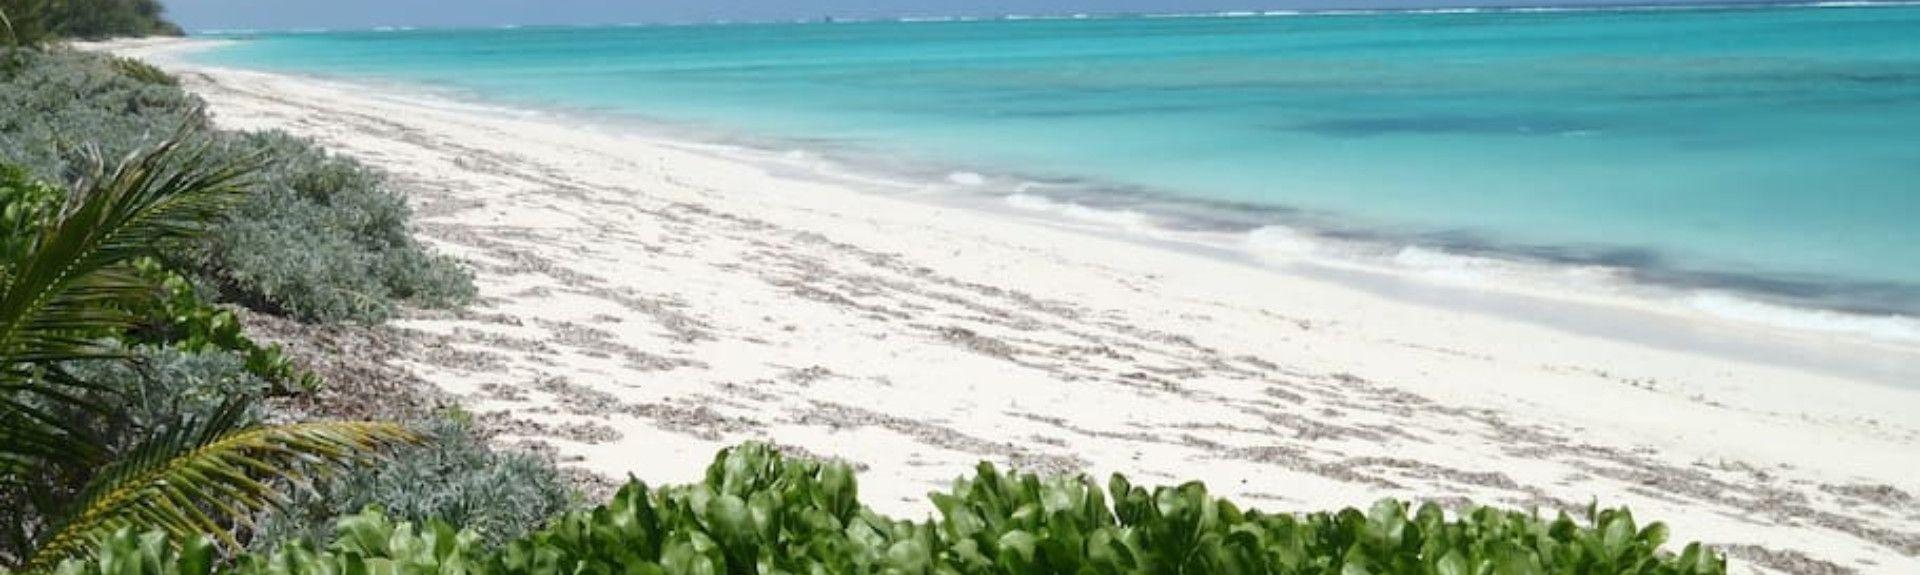 Plage de Leeward, Leeward Settlement, Caicos Islands, Îles Turks et Caïques